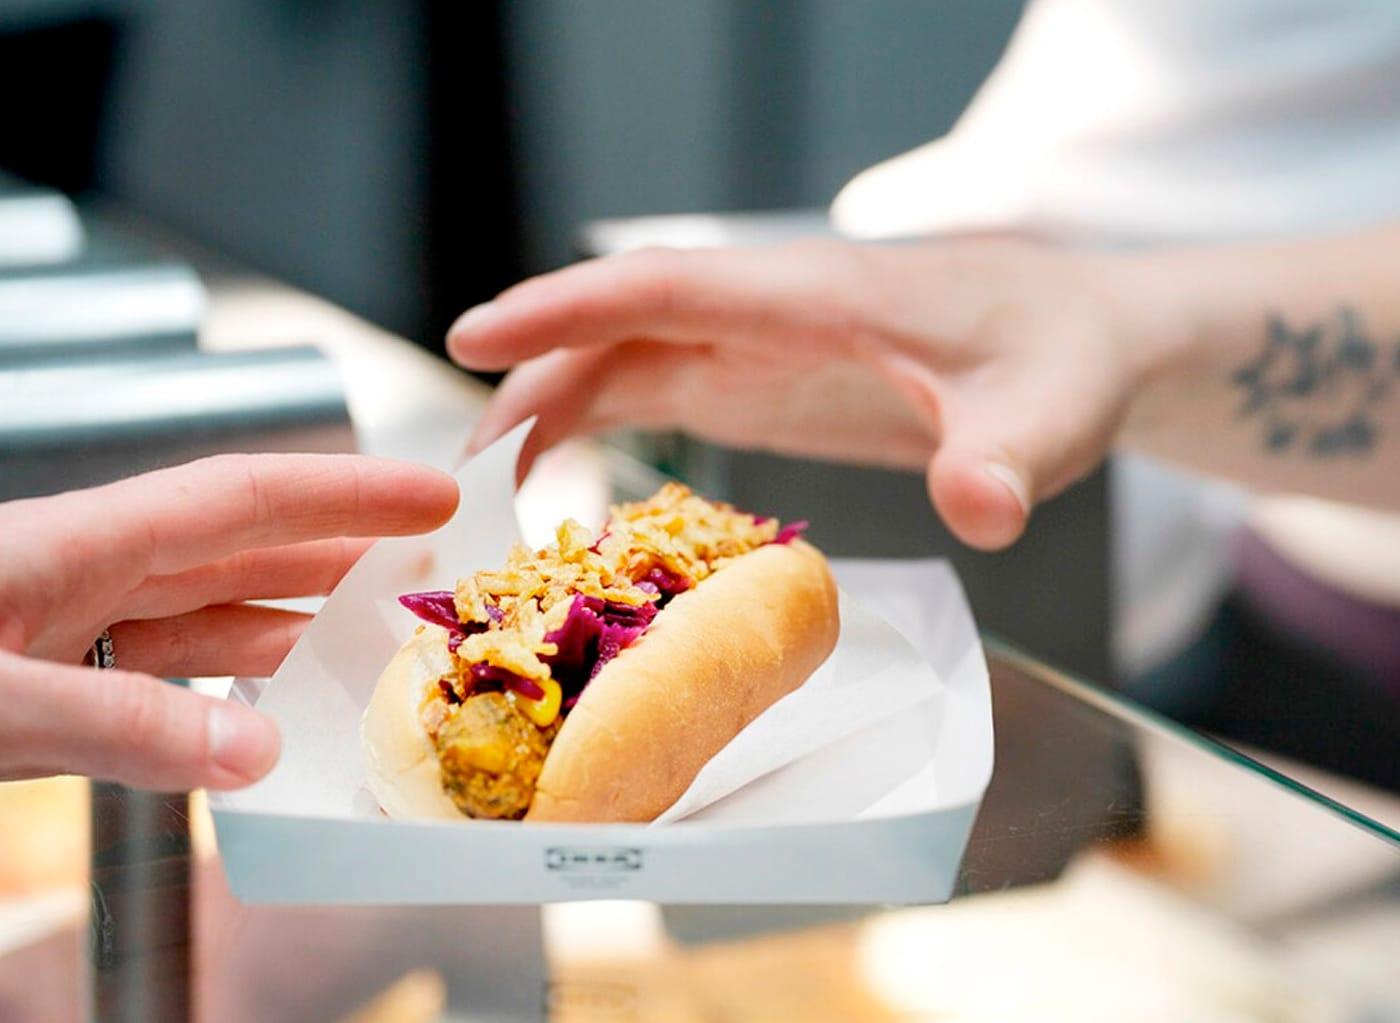 Prova il nostro hot dog vegetariano, prodotto con ingredienti di origine vegetale, un'alternativa più sostenibile rispetto al tradizionale hot dog a base di carne – IKEA